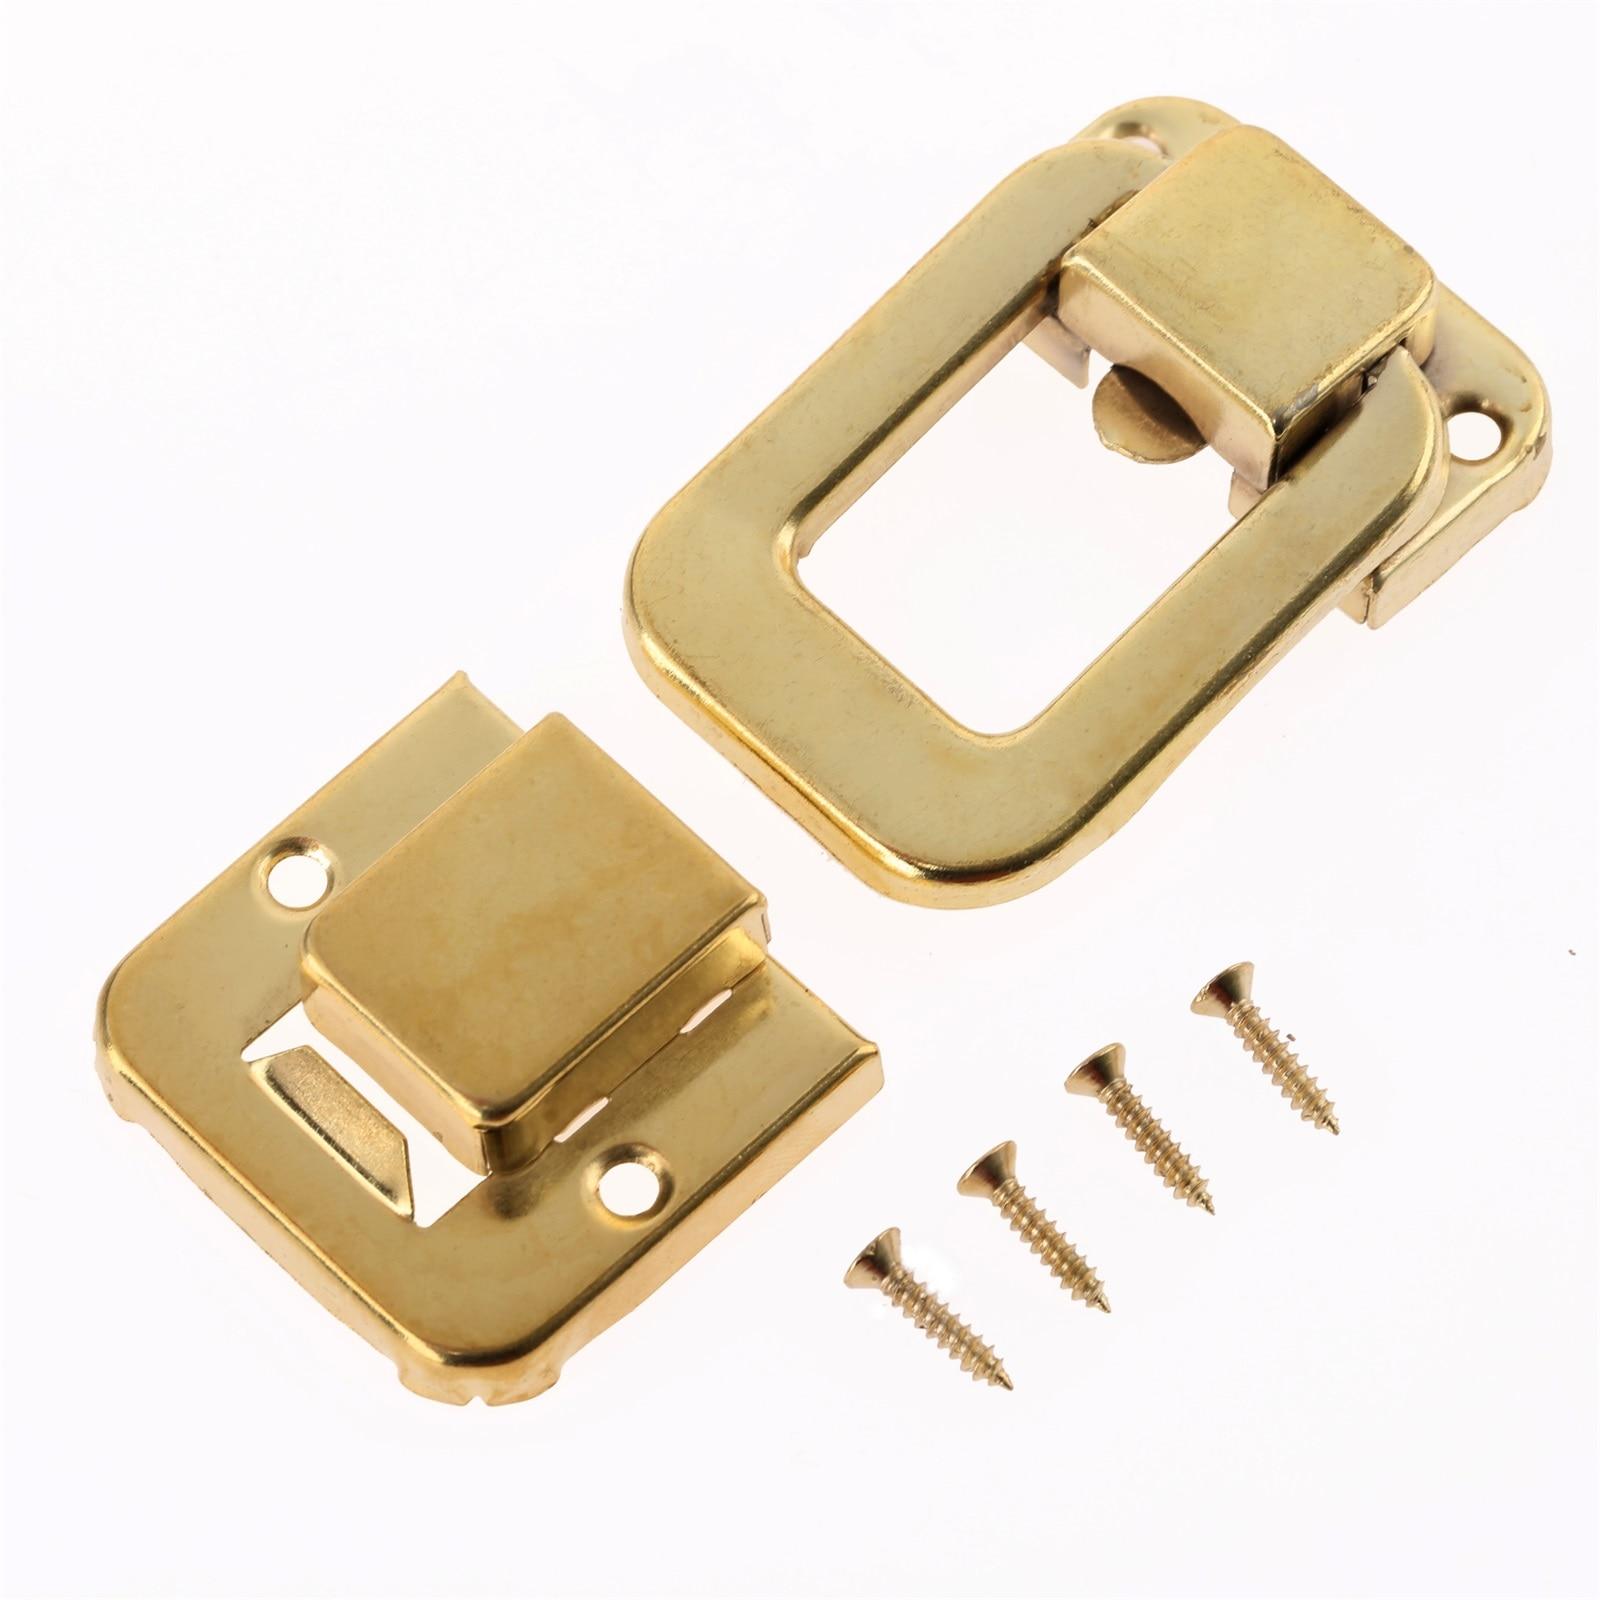 Rétro Bijou Hardware Boîte à Bijoux Coffre Valise Clip Toggle latch catch Hasp